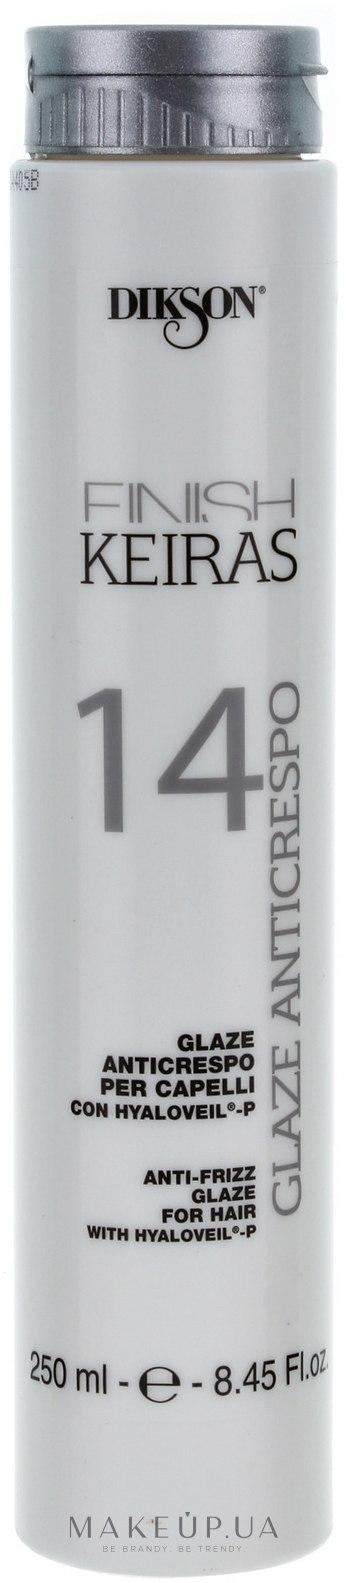 DIKSON Глазурь для распутывания волос Термозащита / FINISH GLAZE ANTICRESPO 14 250 мл